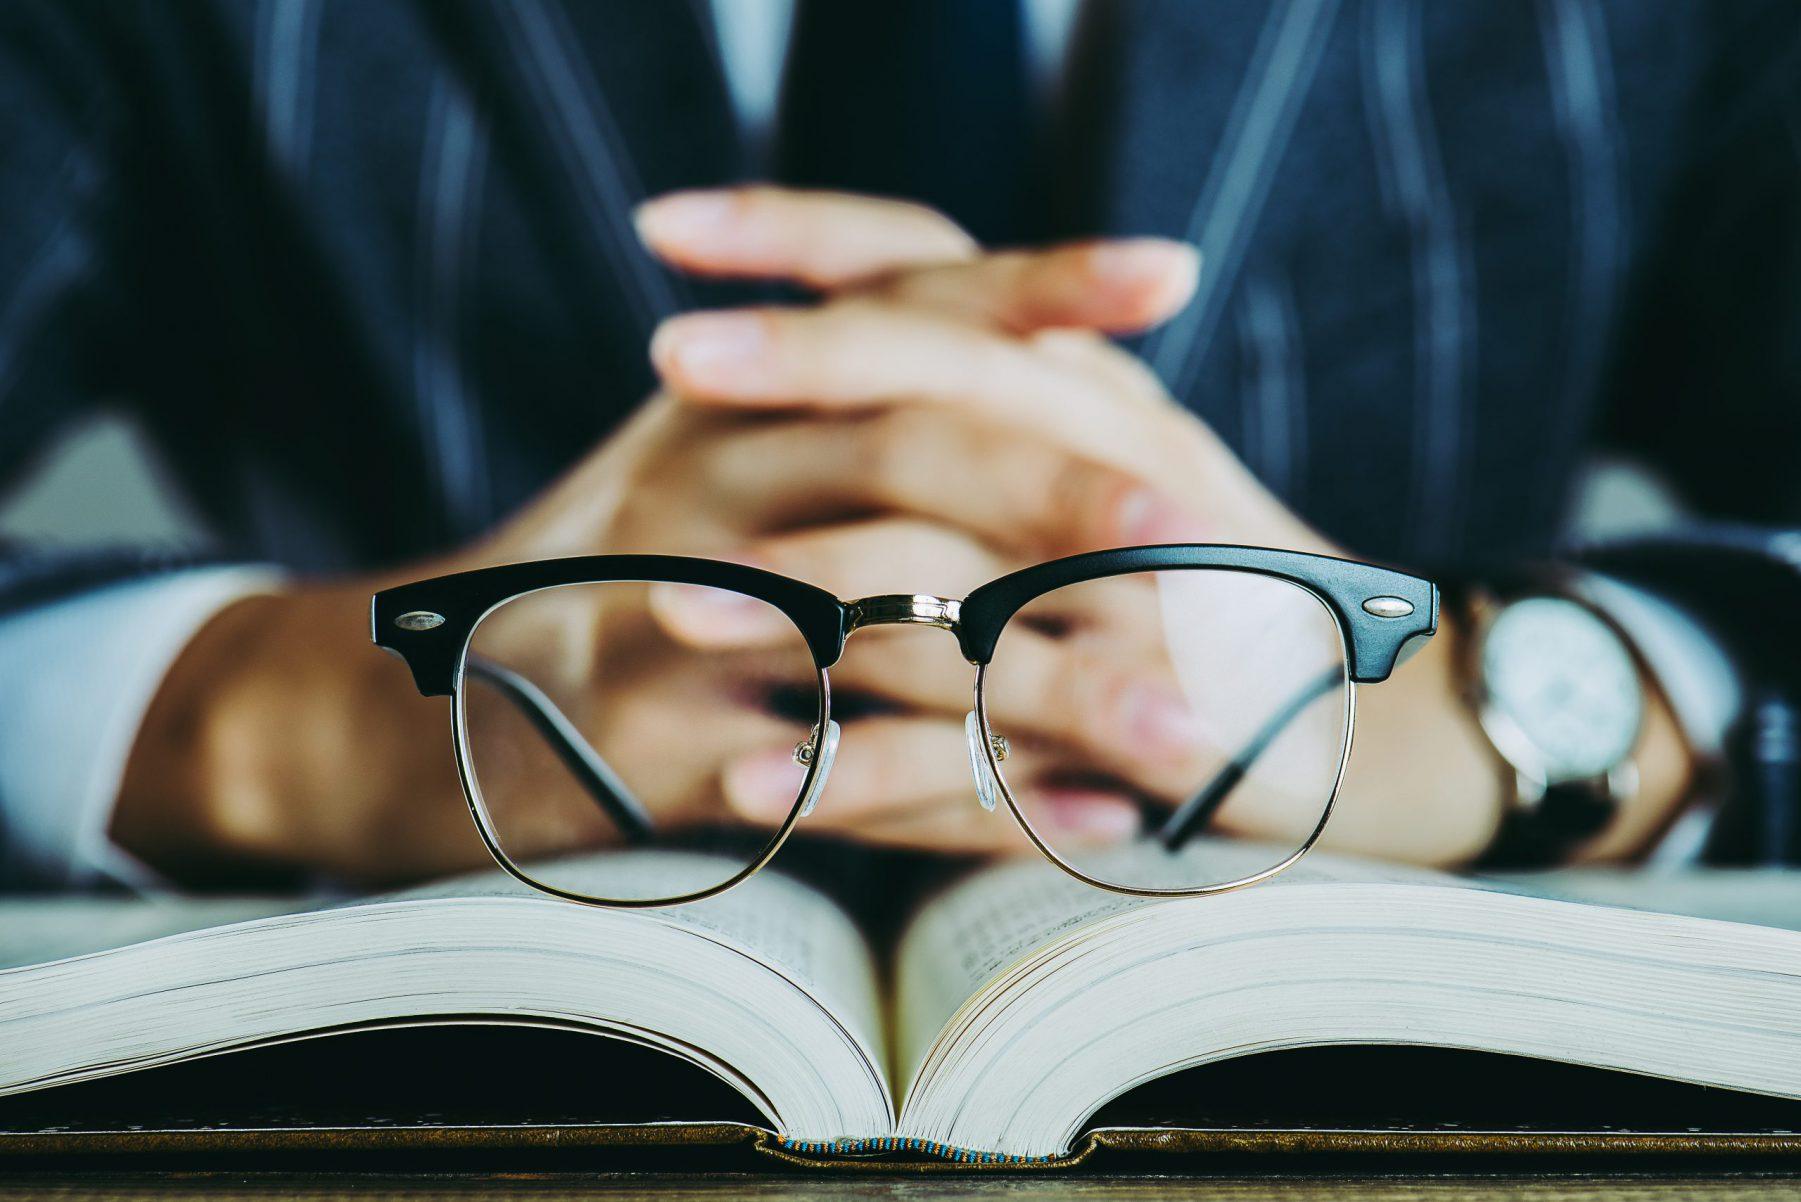 本と眼鏡 ビジネスイメージ